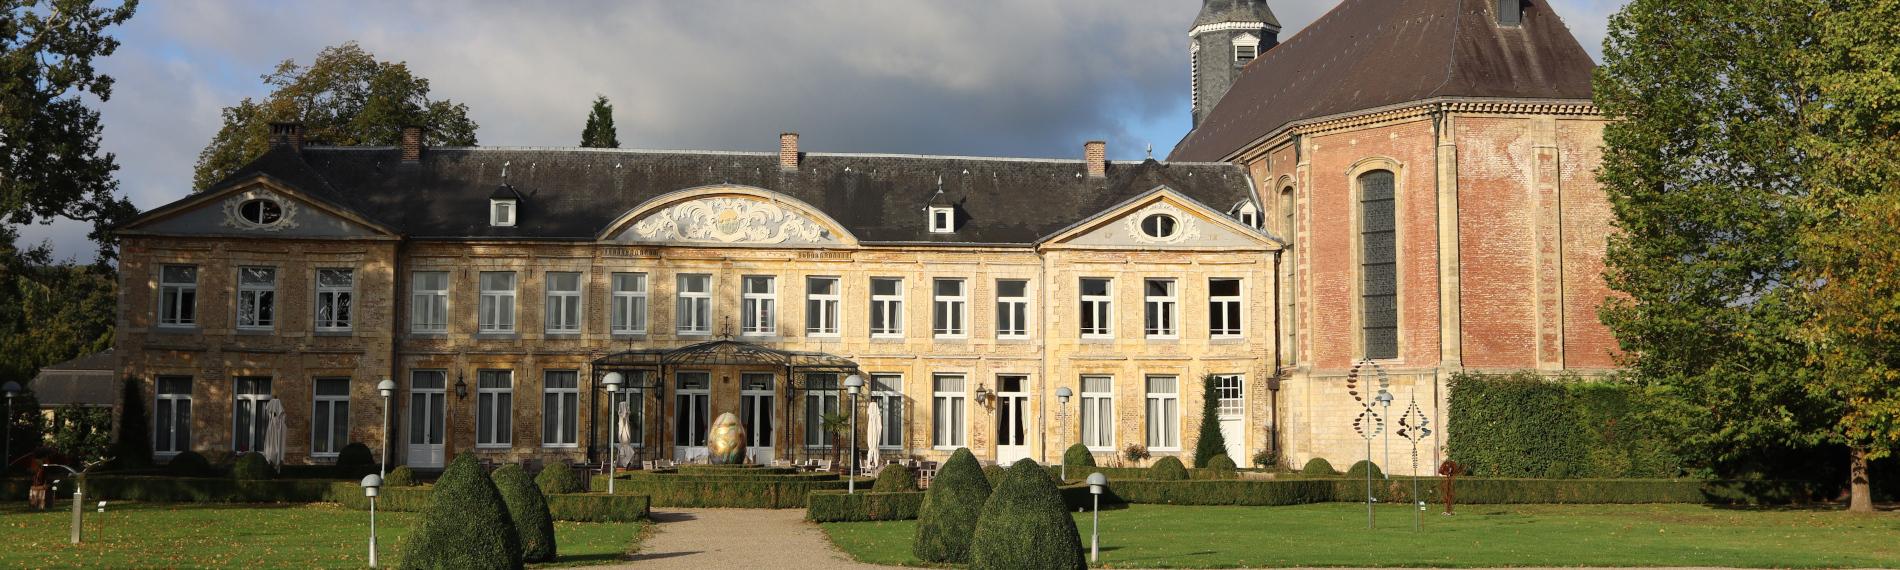 Het chateau is zichtbaar met eromheen bomen